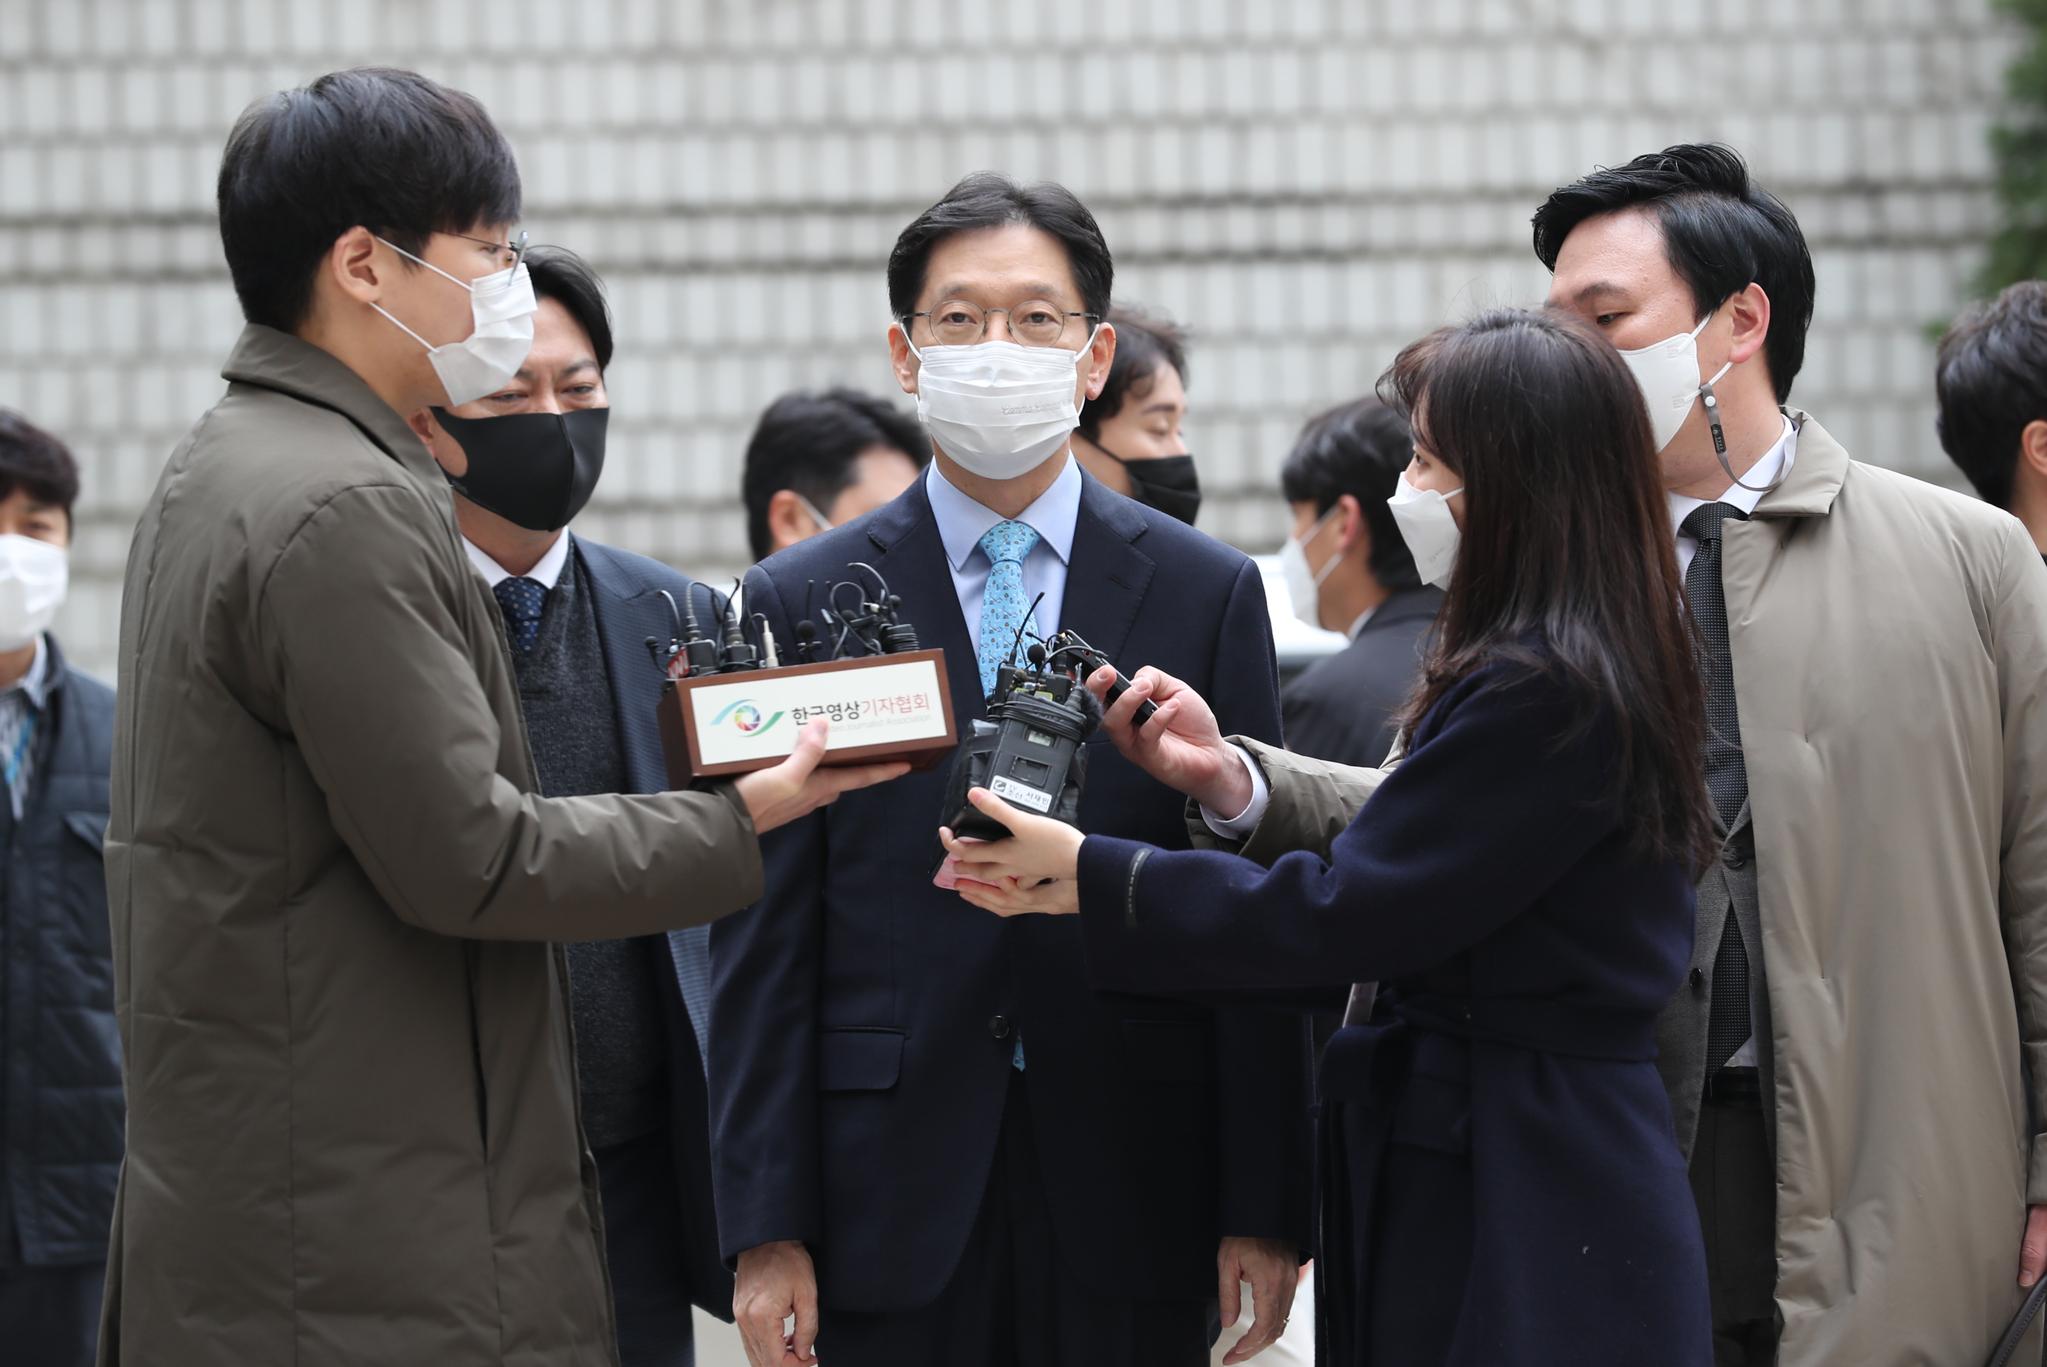 포털사이트 댓글조작 혐의로 기소된 김경수 경남지사가 6일 오후 서울 서초구 서울고등법원에서 열린 항소심 선고기일에 출석하며 취재진의 질의에 답하고 있다. 뉴스1